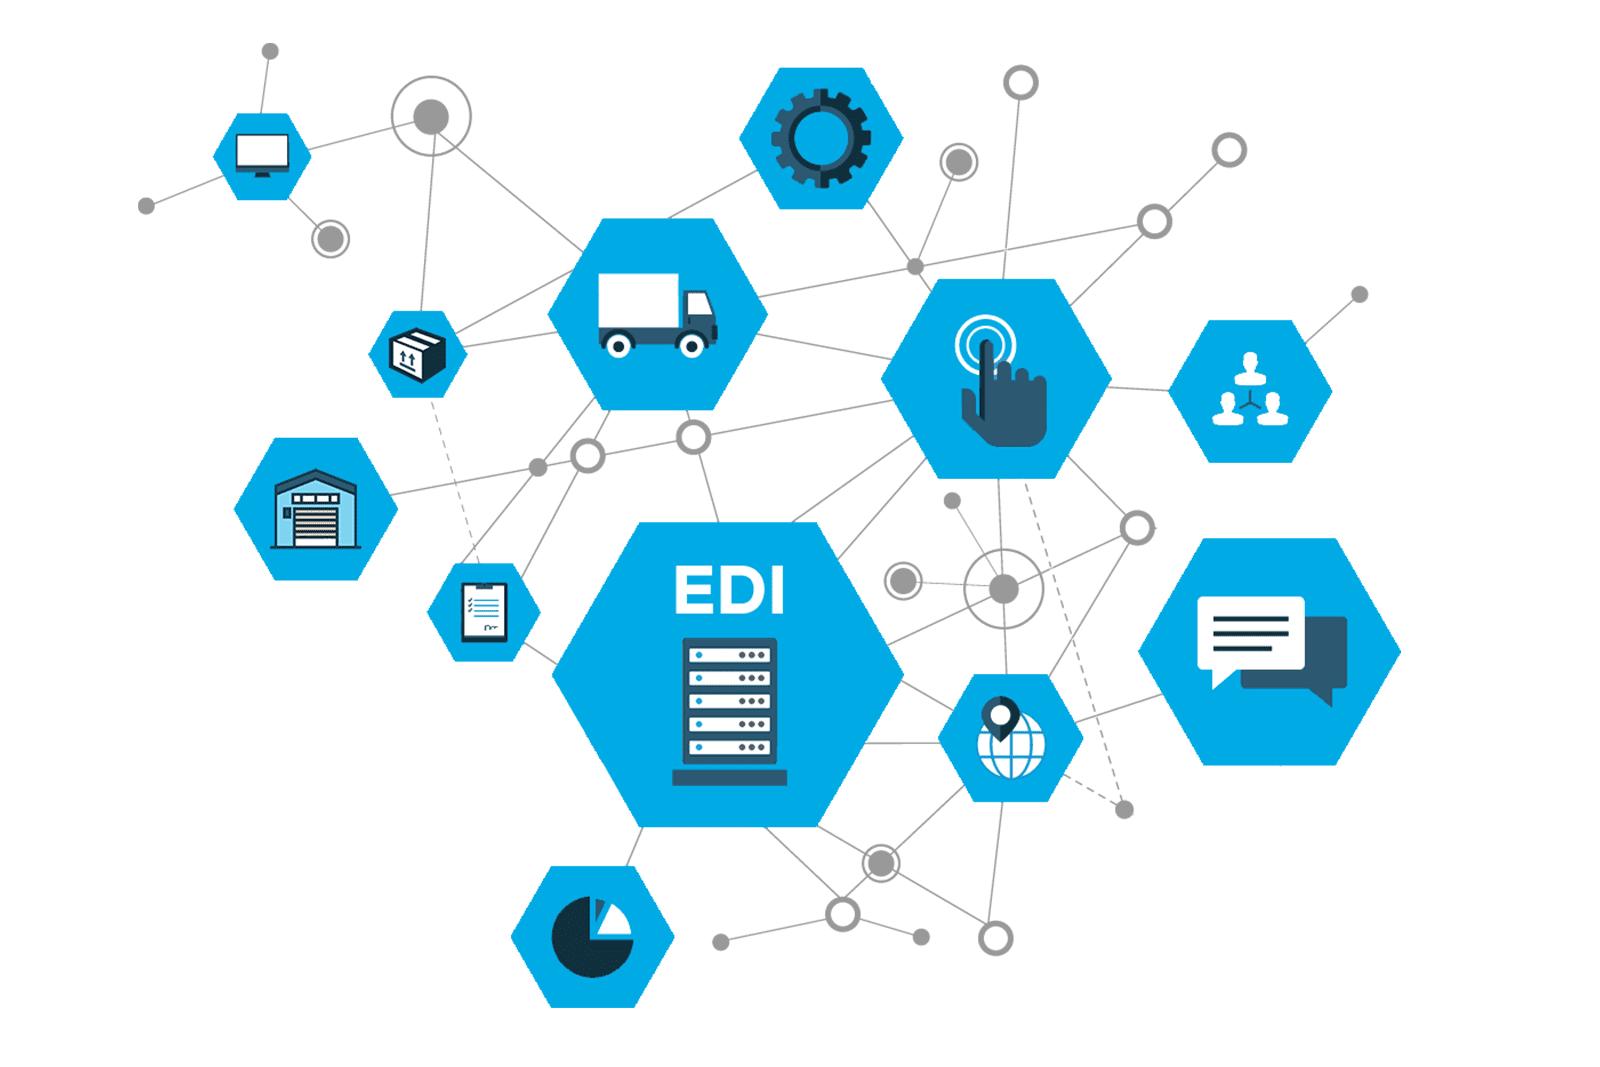 EDI Connection Concept